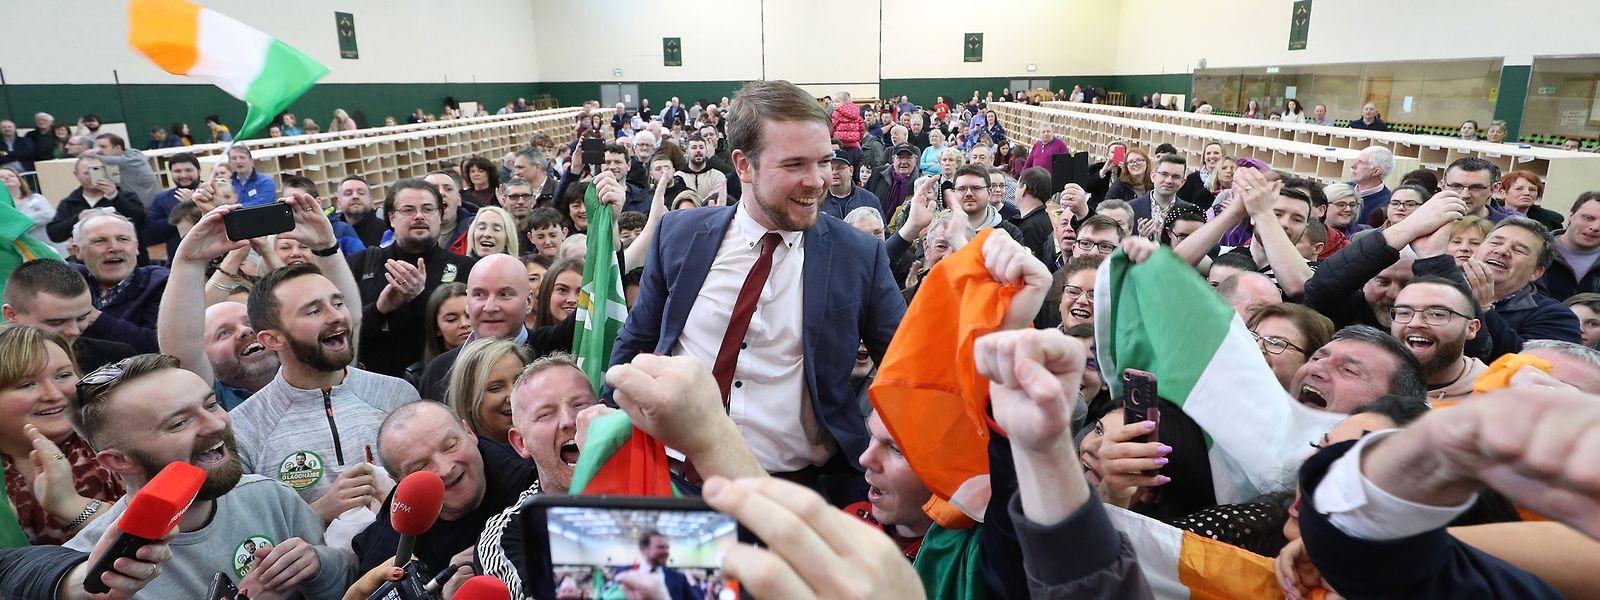 Donnchadh O Laoghaire (M), Abgeordneter der linksgerichteten Partei Sinn Fein, freut sich während der Auszählung der Stimmen der Parlamentswahl.